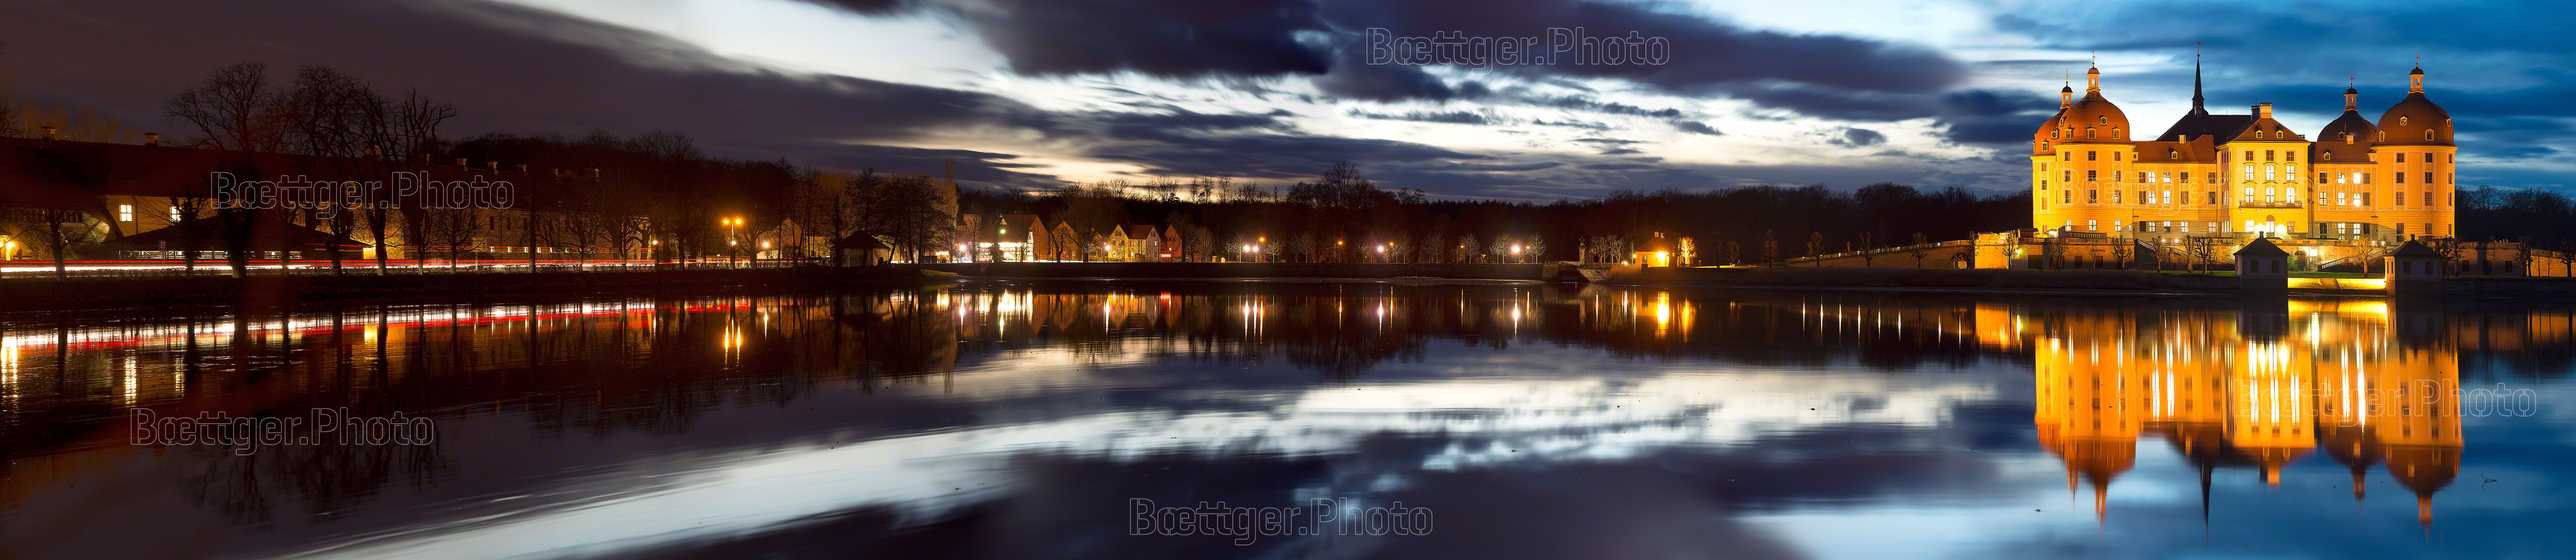 Abend am Jagdschloss